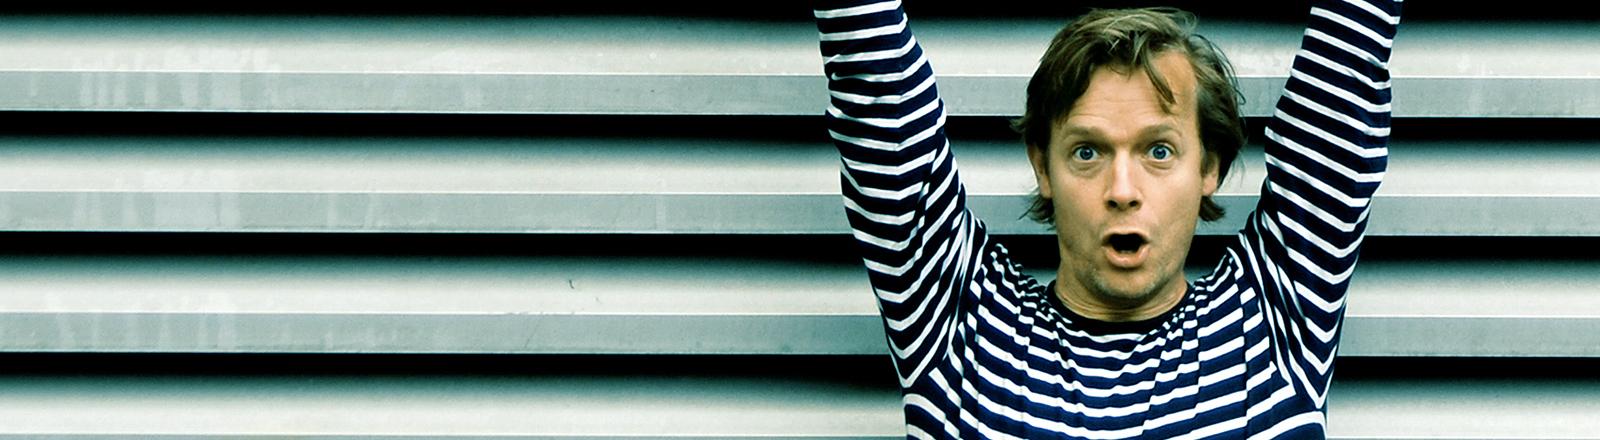 Ein Mann im gestreiften Pulli reißt vor einer gestreiften Wand die Hände hoch.